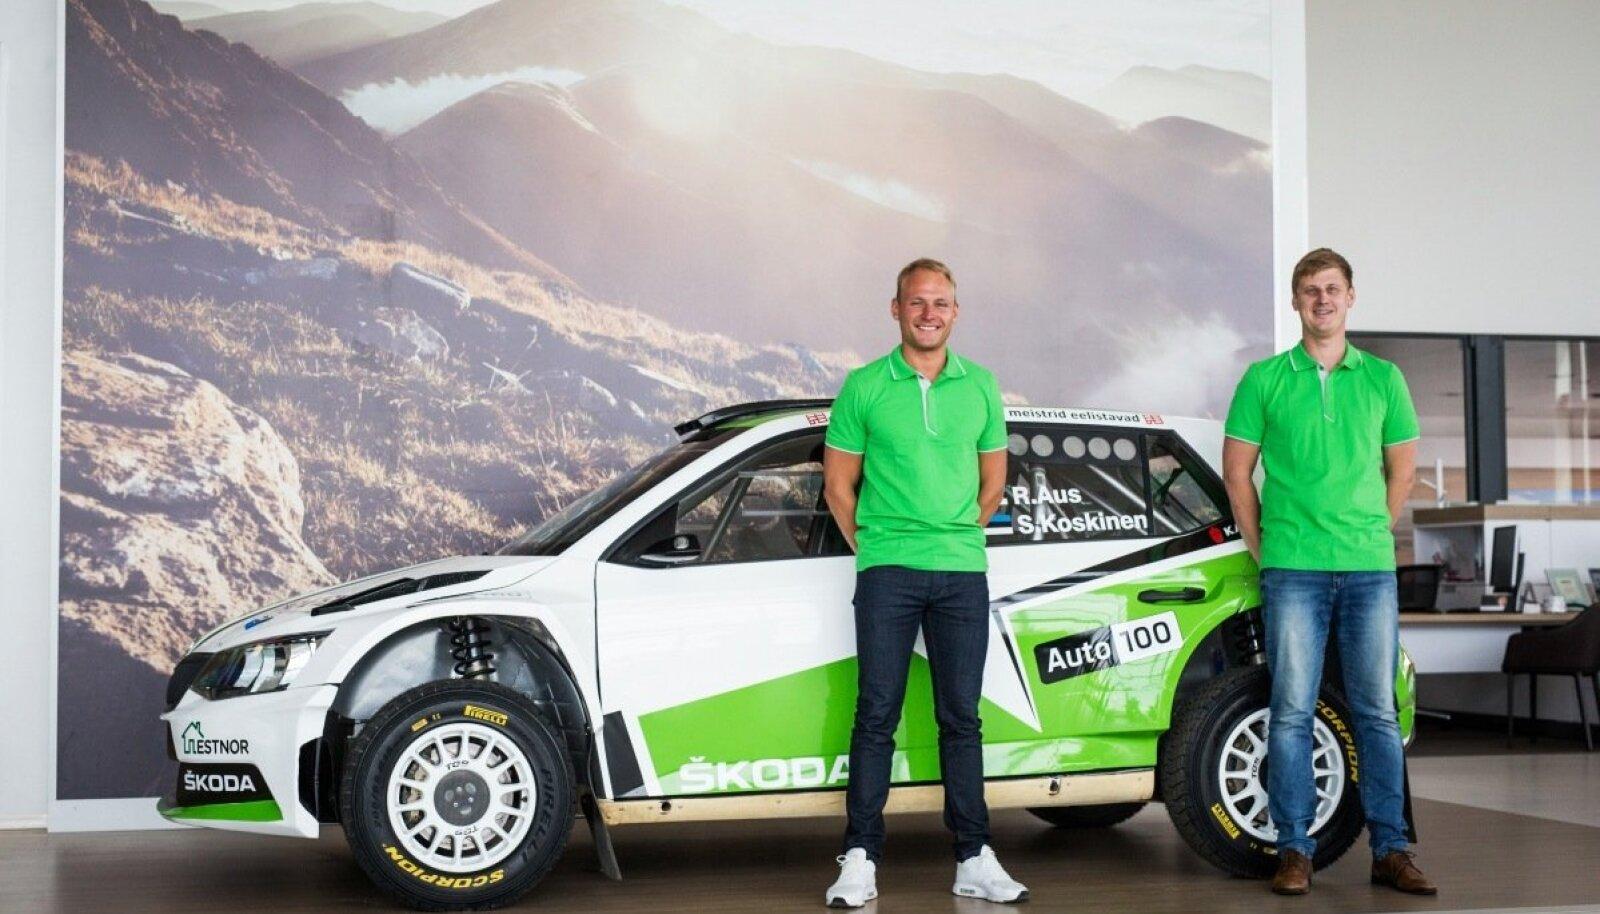 Rainer Aus ja Simo Koskinen ning esimest korda nende käsutuses olev Škoda Fabia R5 ralliauto.